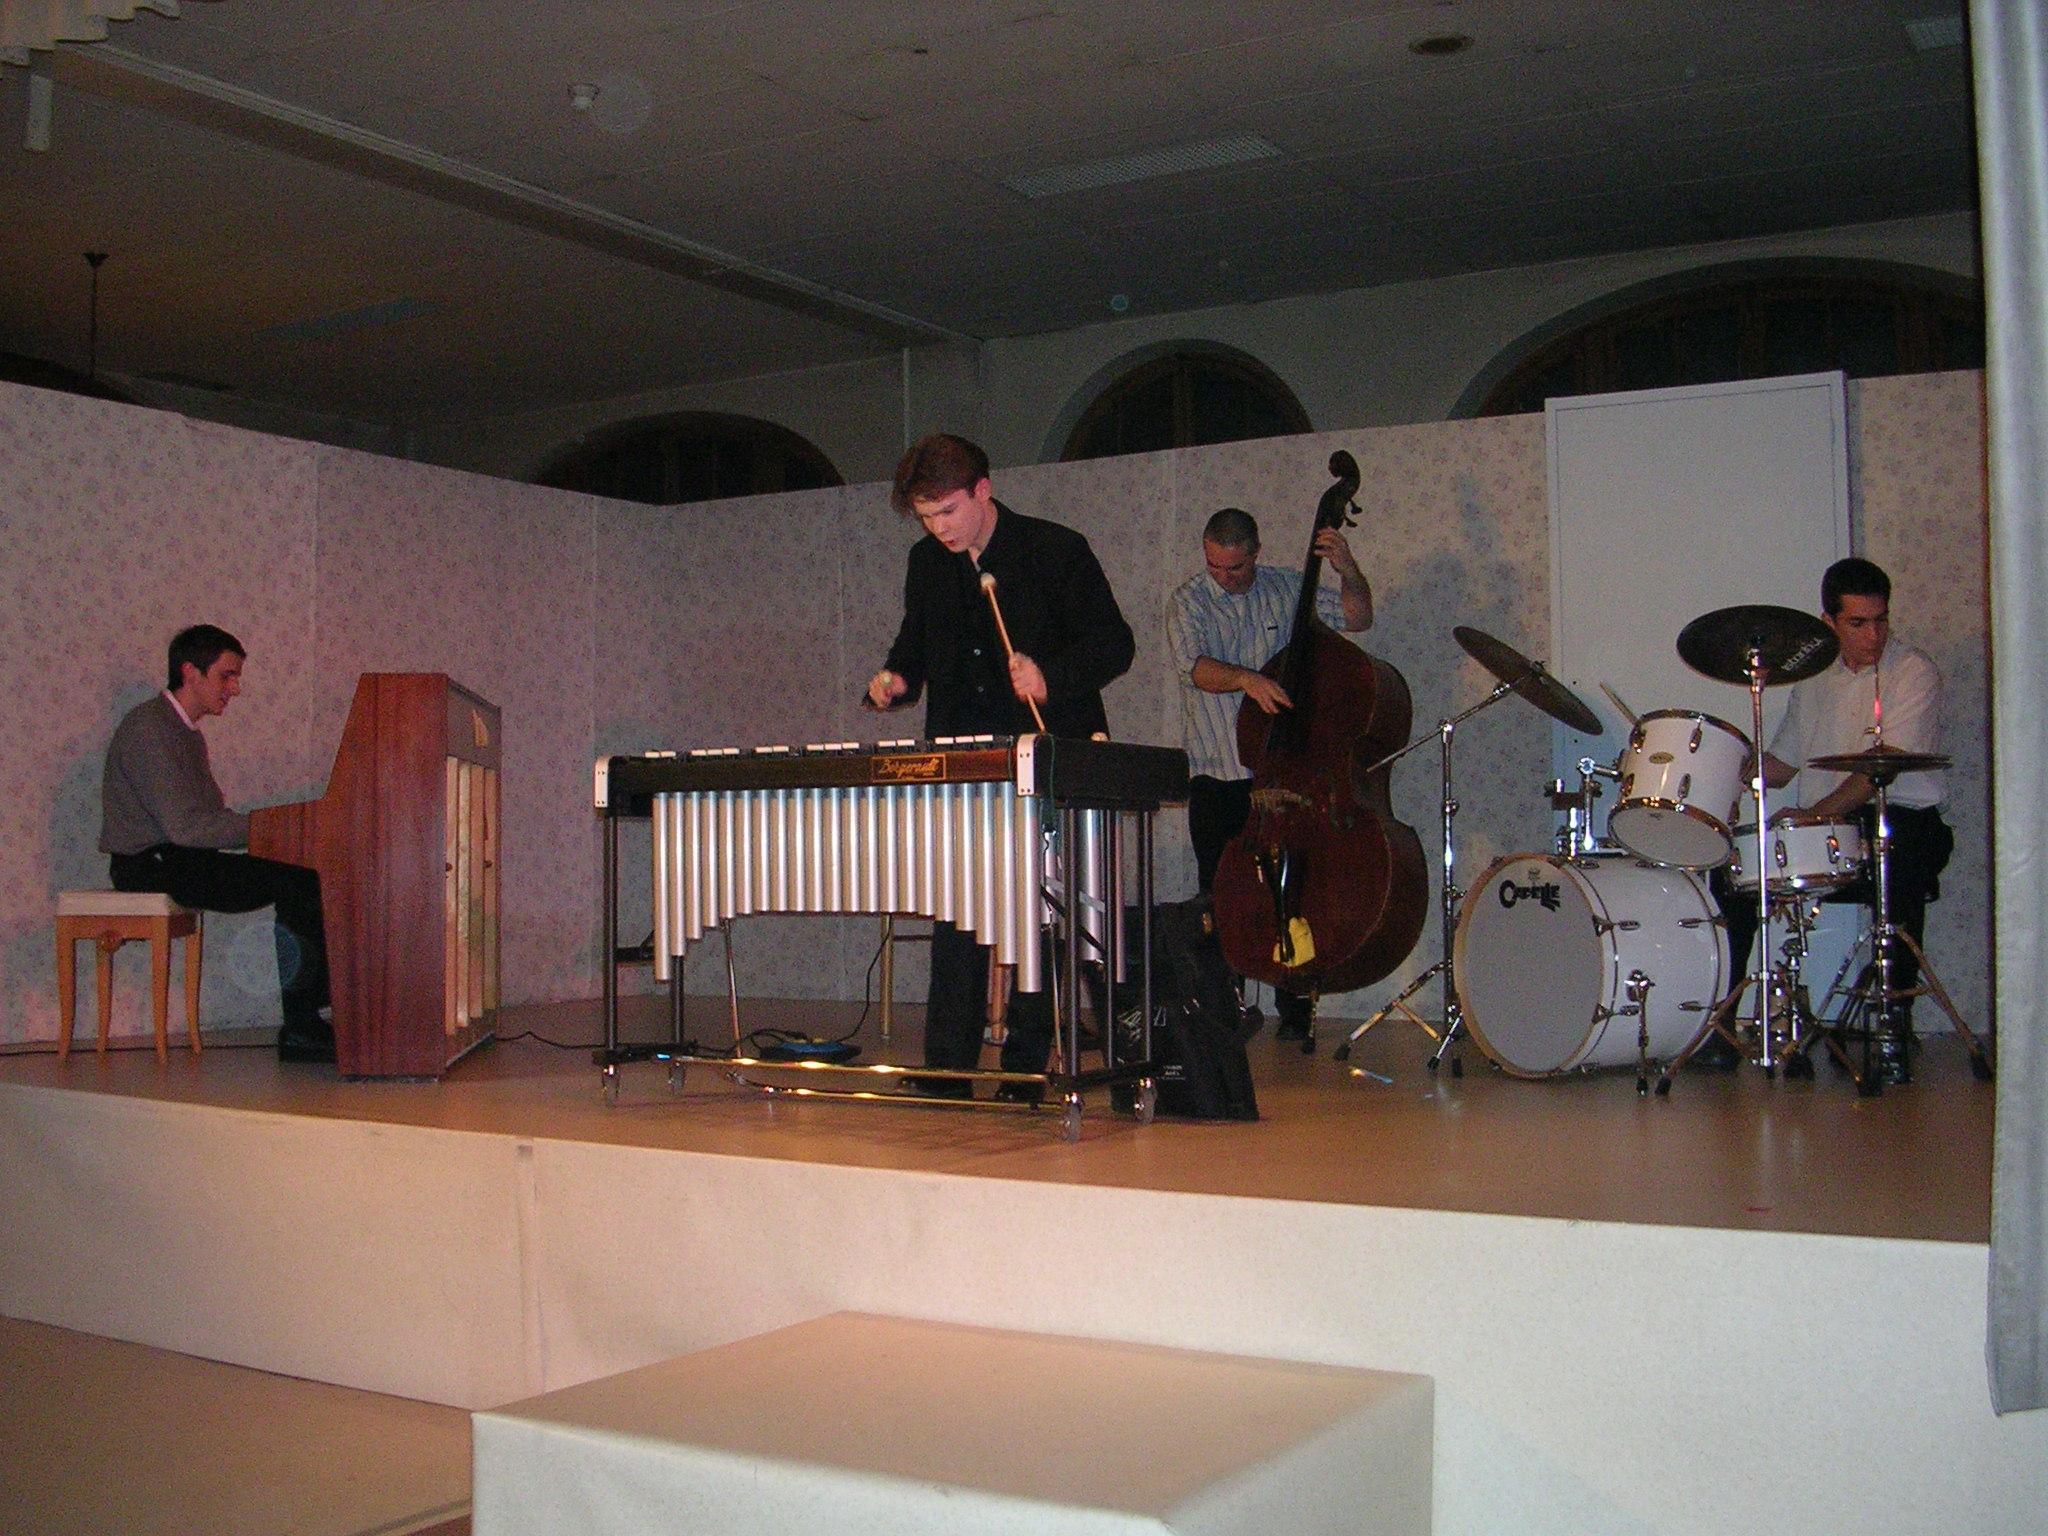 World Fest Music juin 2005 Chateau Landon